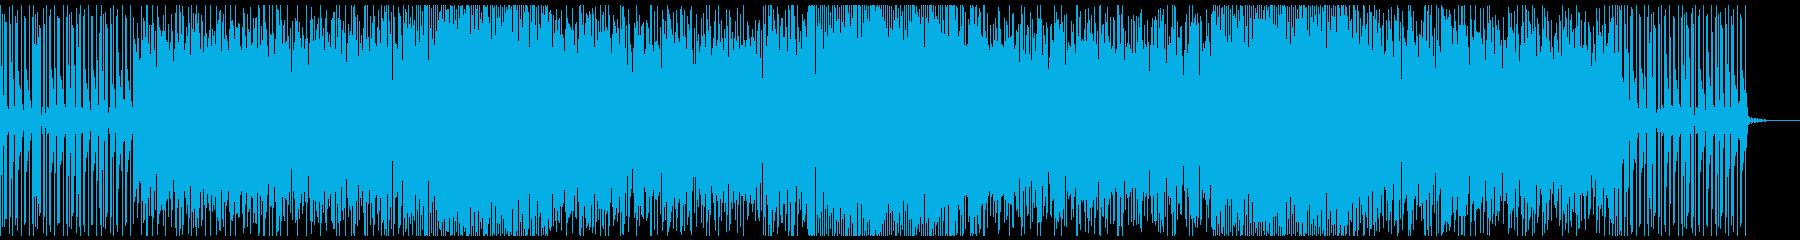 爽やかな旋律のシーケンスが心地良いです。の再生済みの波形